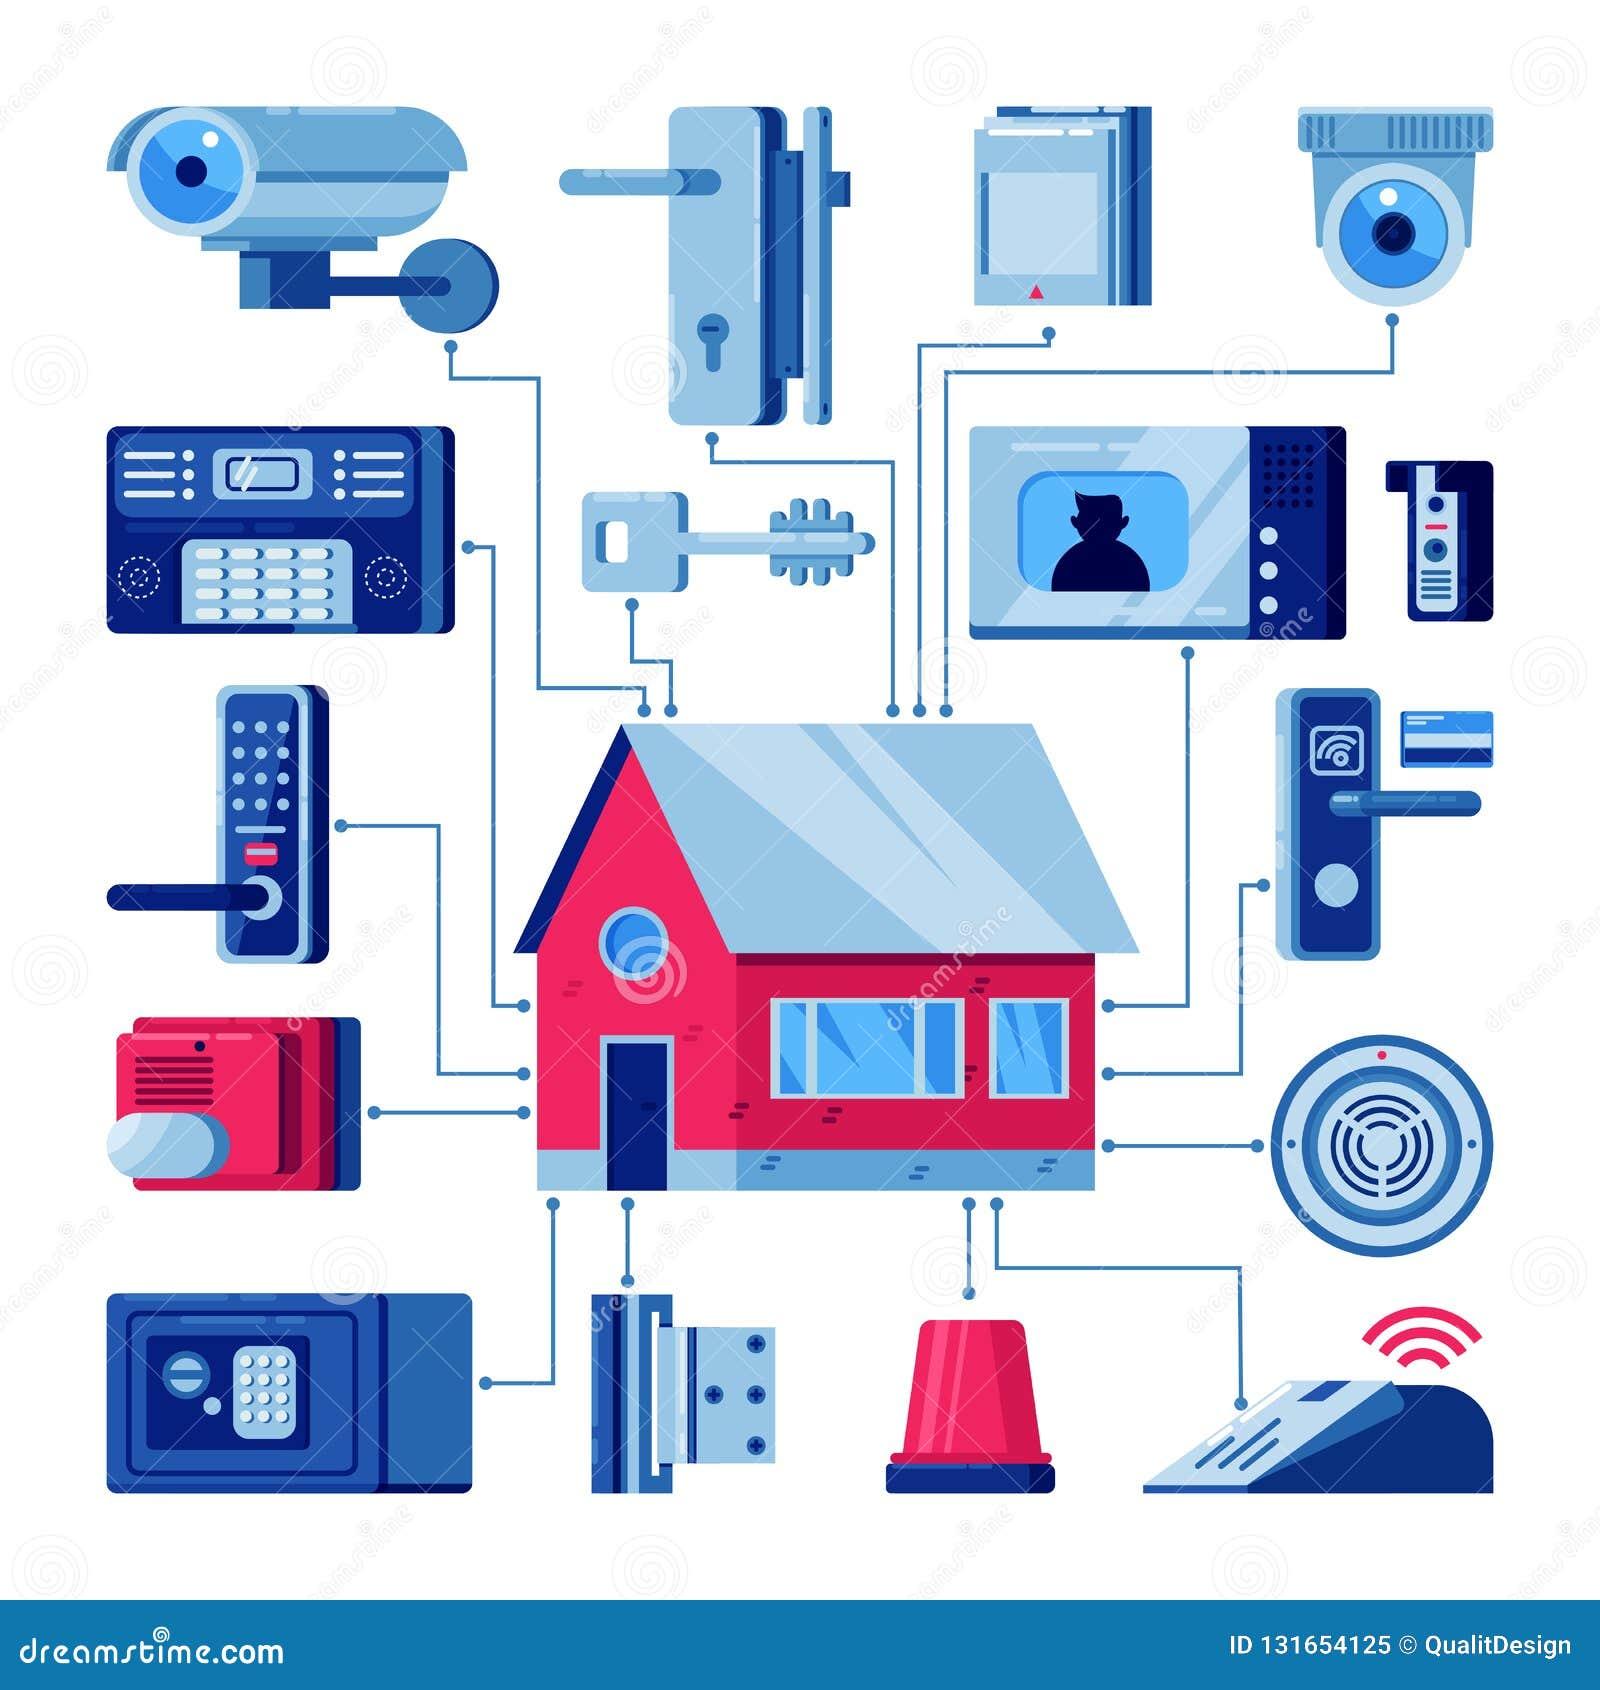 Haus mit verbundenen Hauptsicherheitssystemen Intelligente Technologien, Sicherheitshaus, Steuerung und Schutzkonzept Vektorebene